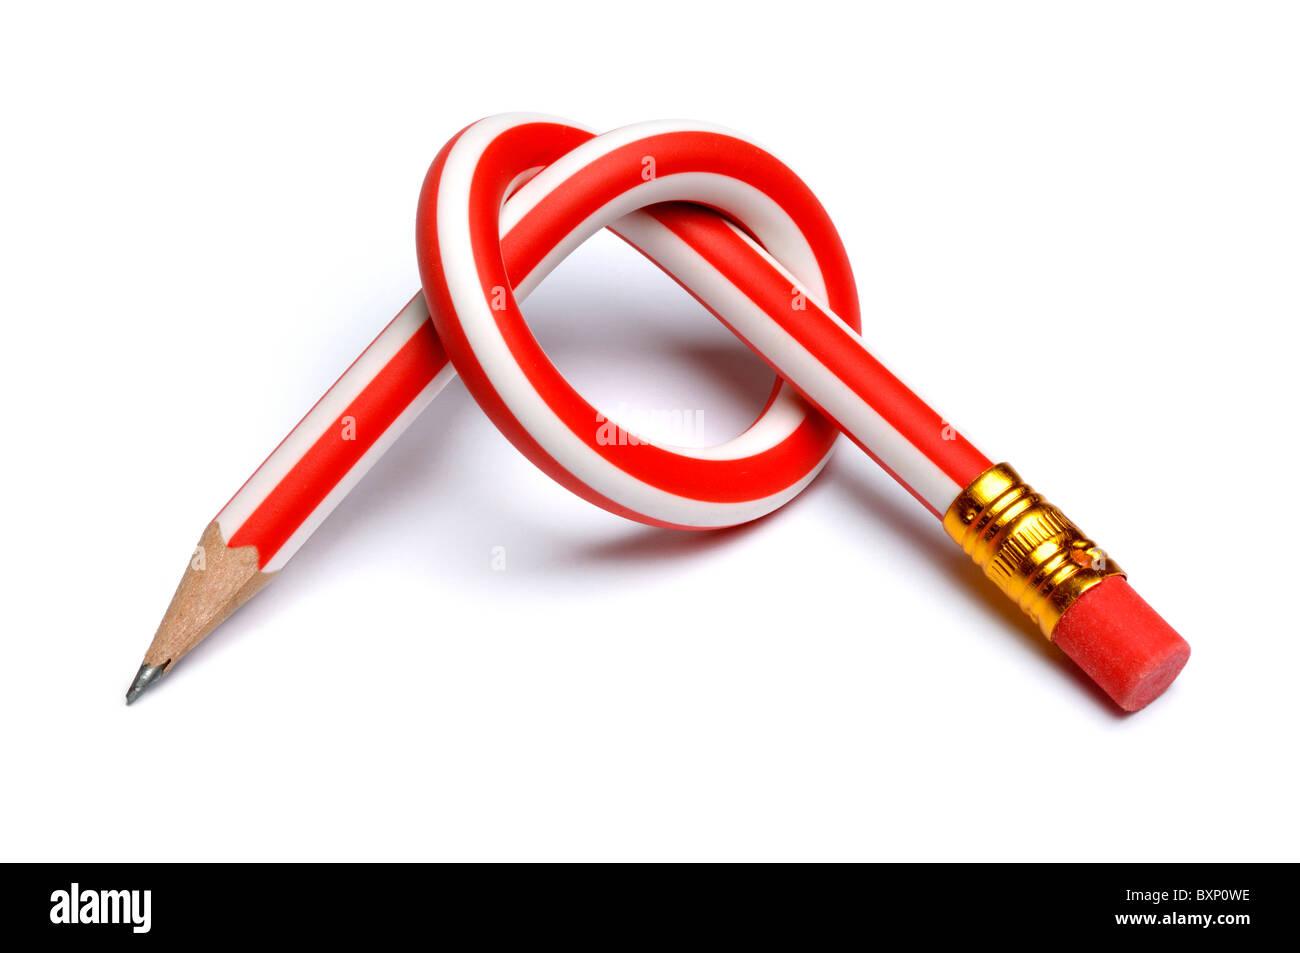 Bleistift in einen Knoten gebunden Stockbild